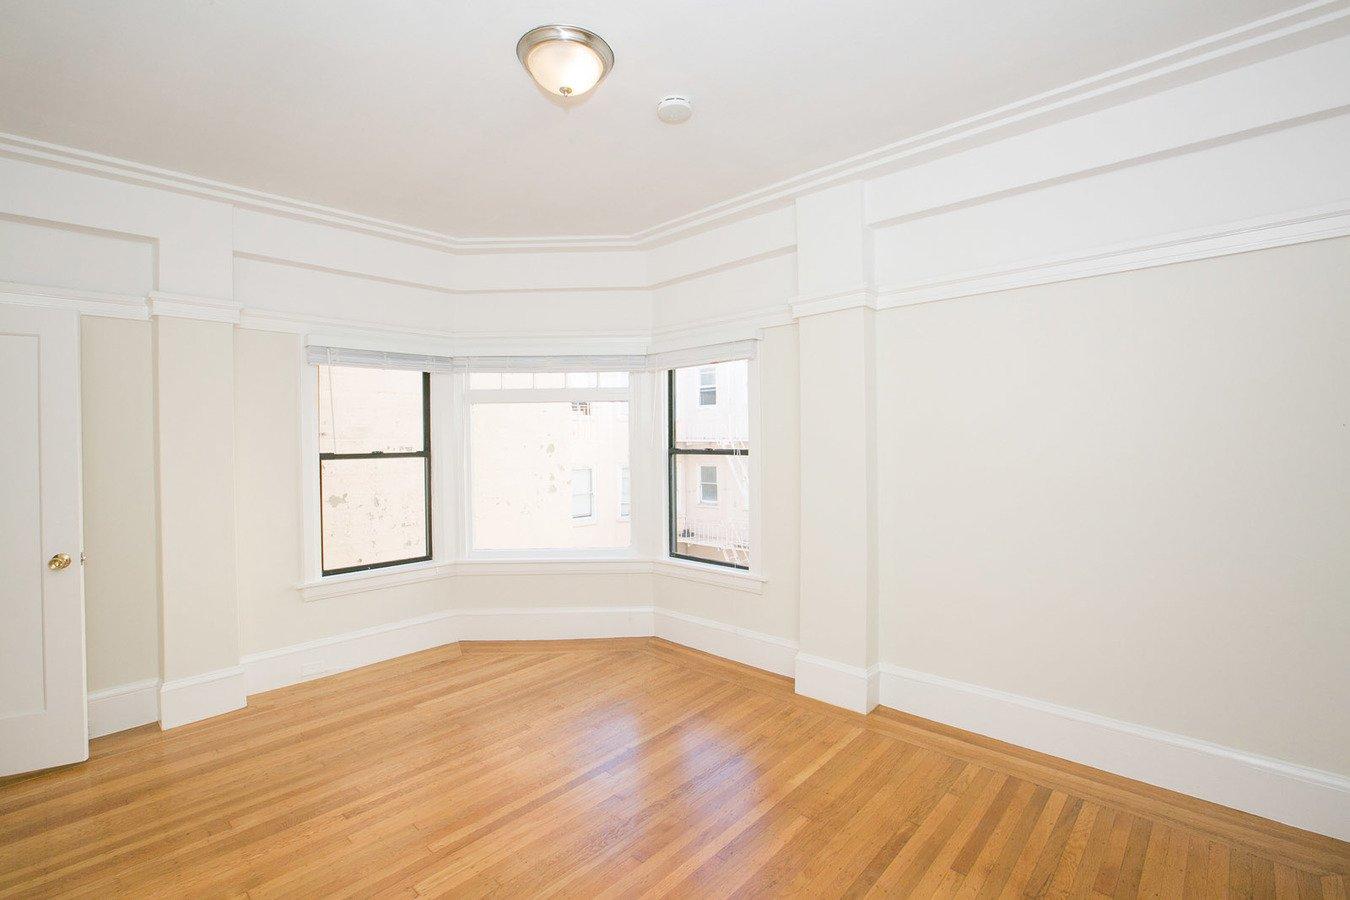 Studio 1 Bathroom Apartment for rent at 755 O'farrell Apartments in San Francisco, CA